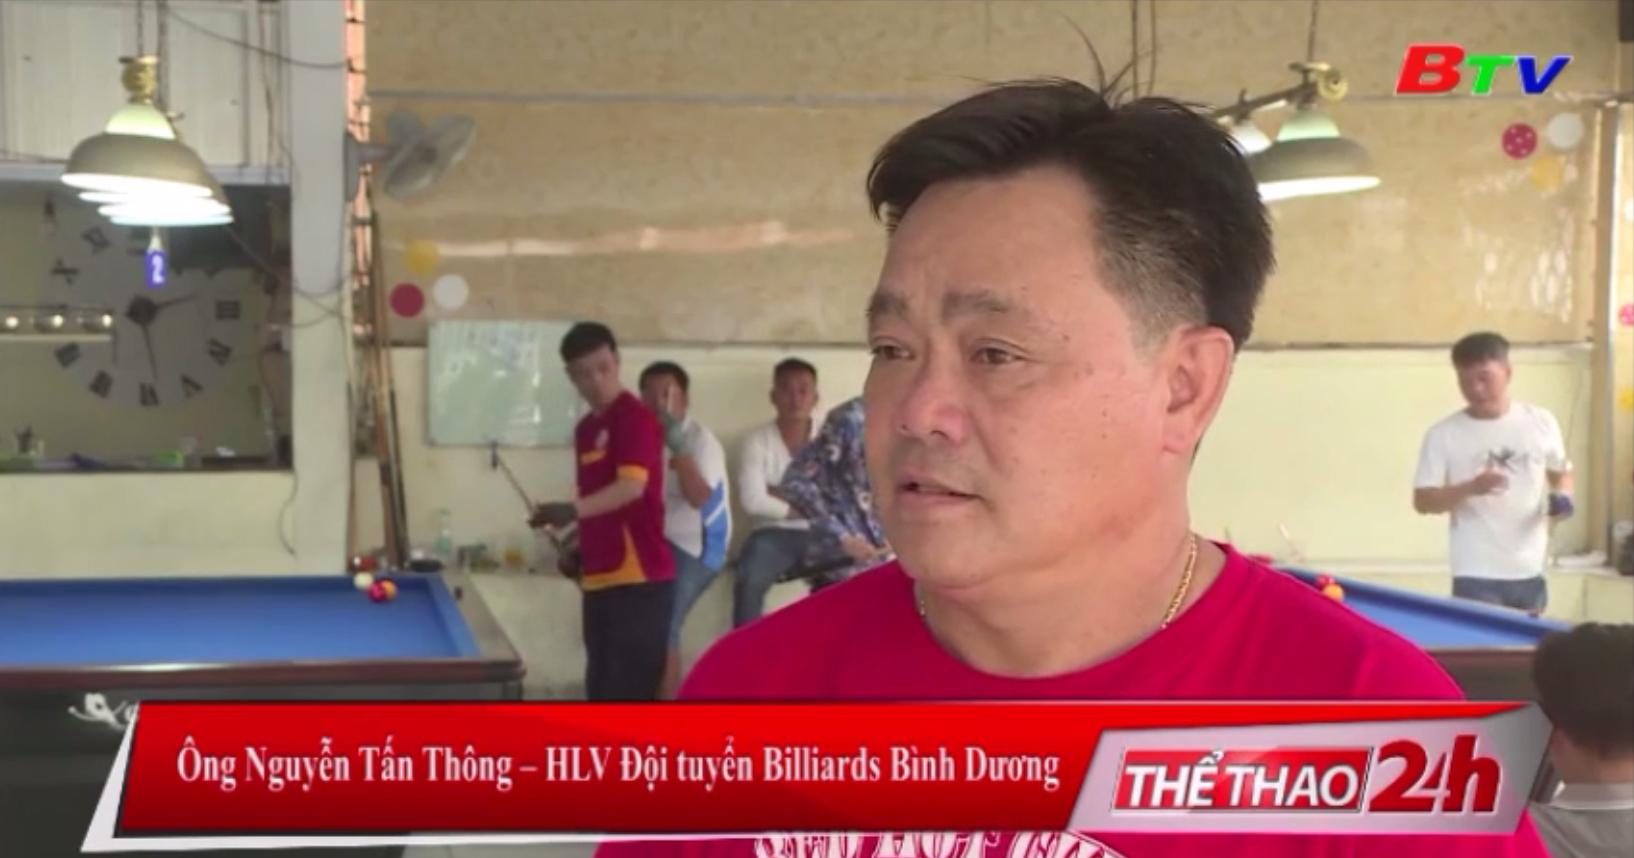 Tuyển Billiards Bình Dương chuẩn bị Vòng 1 Giải VĐQG năm 2020